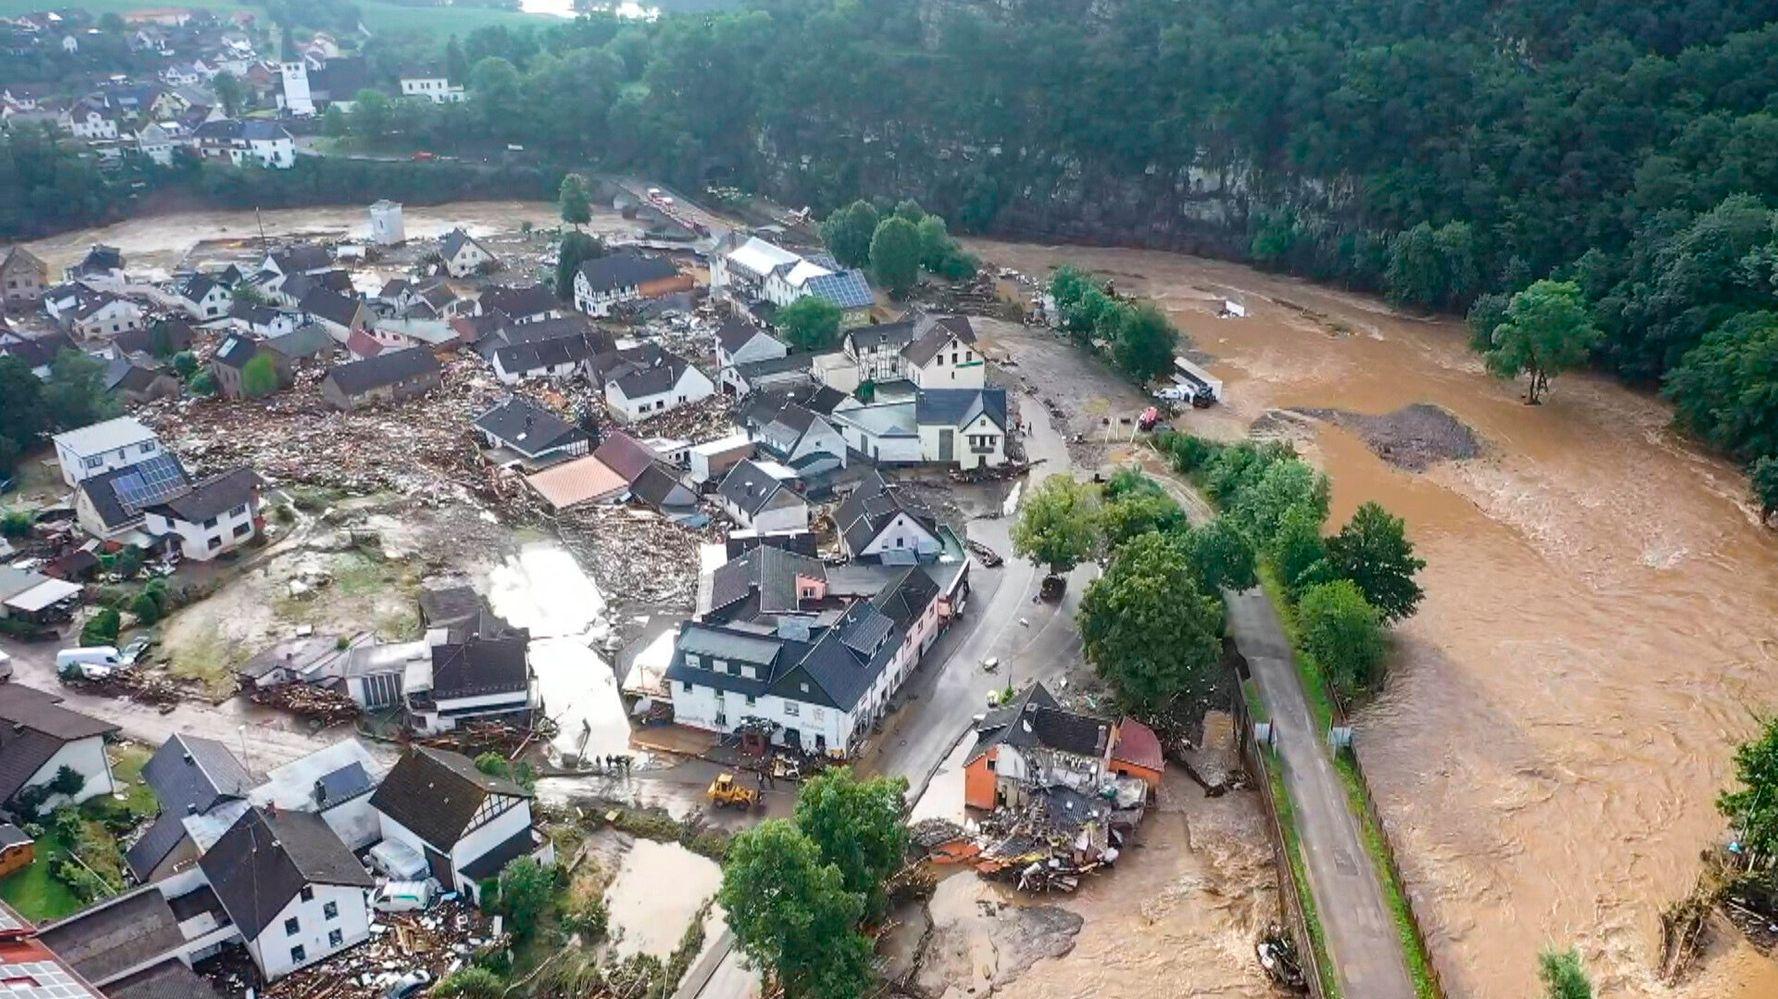 Мешканець Мюнстера пожертвував мільйон постраждалим від повені